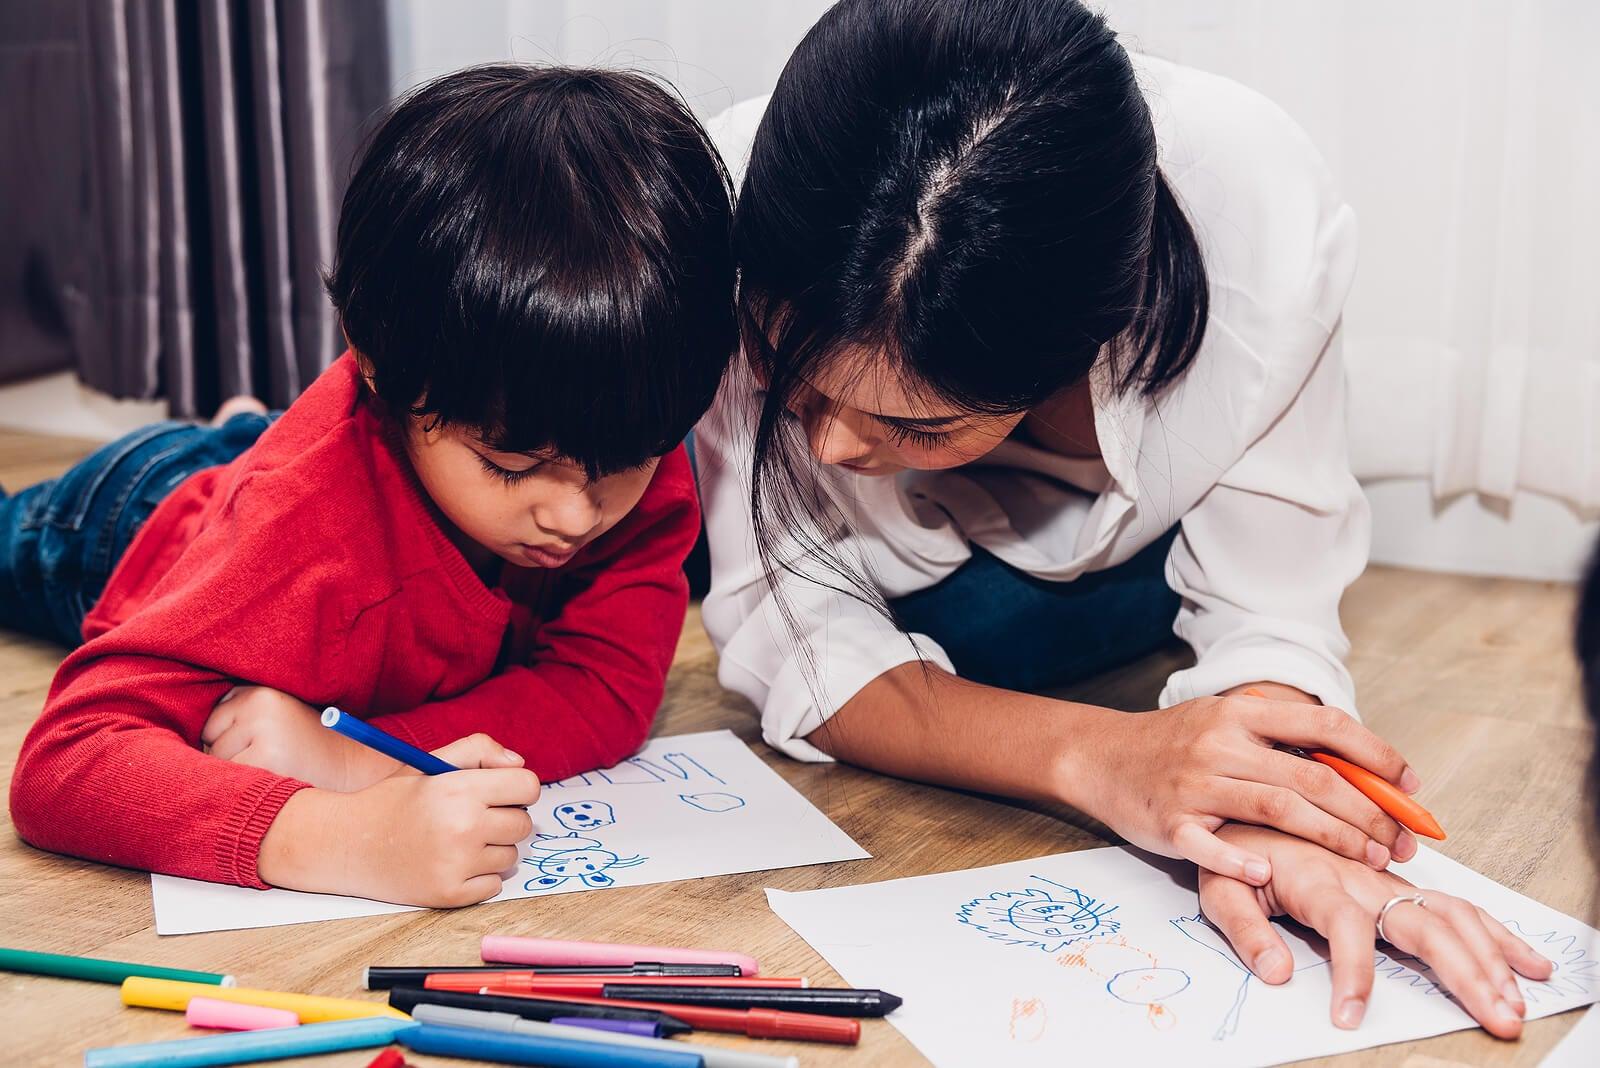 Madre e hijo dibujando para ver la evolución de la expresión gráfica del pequeño.